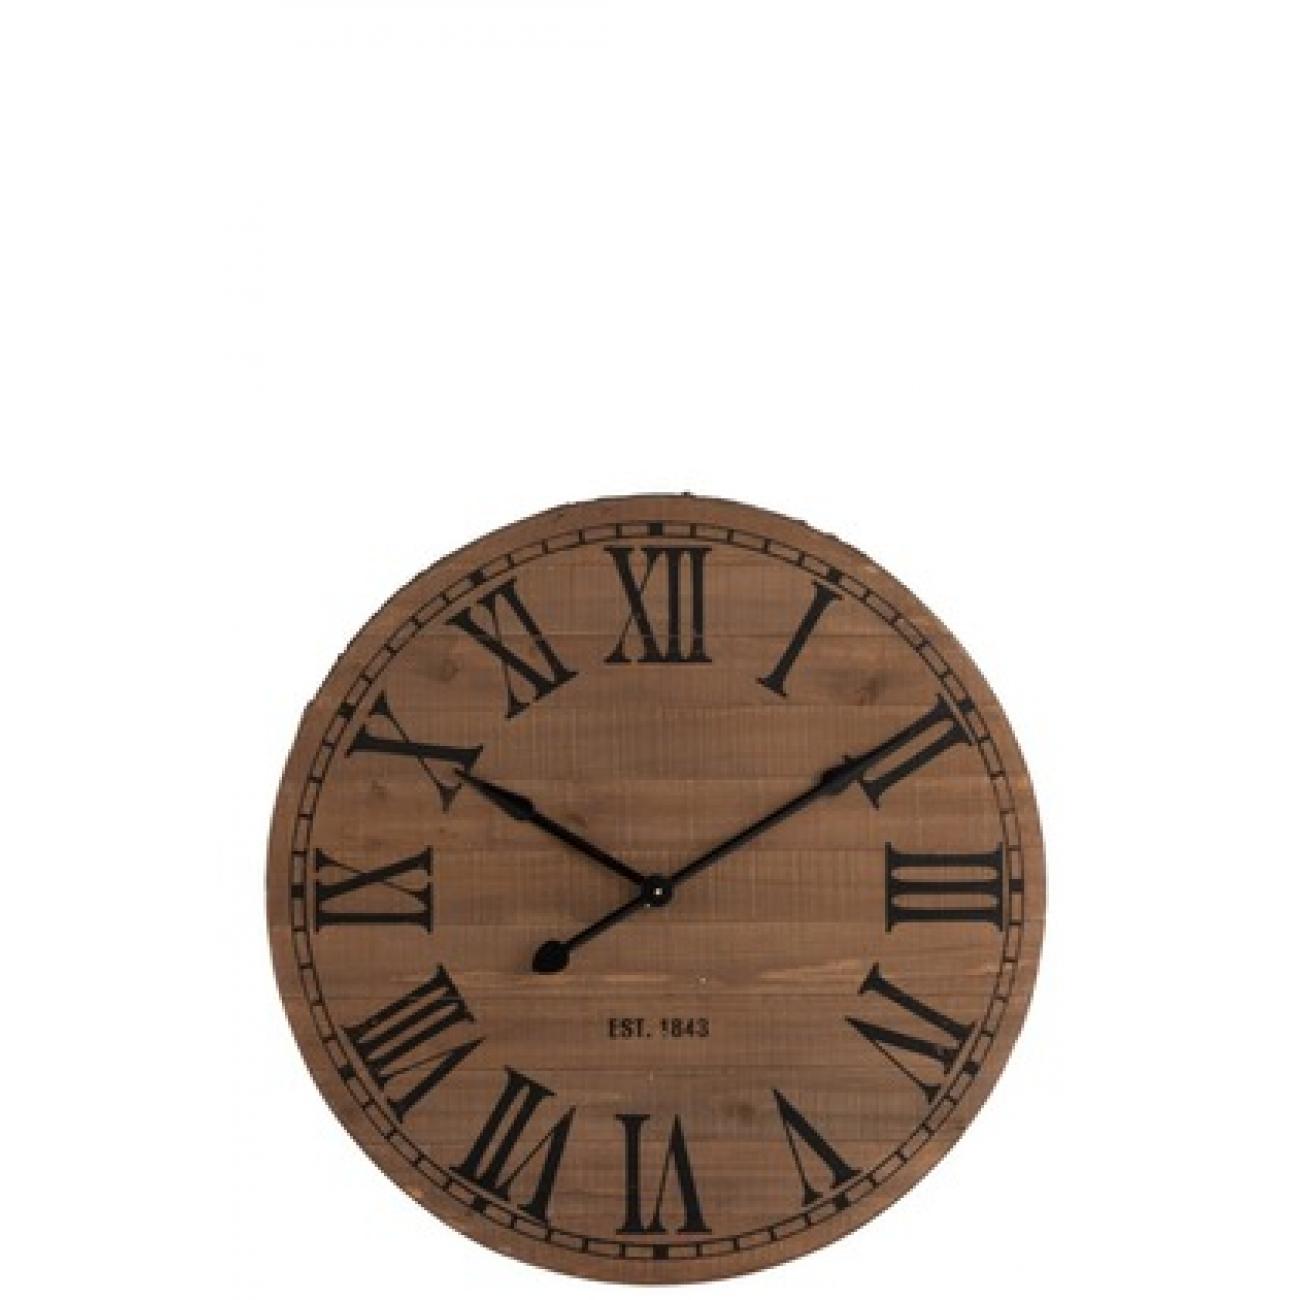 Настенные часы J-LINE круглые коричневые в корпусе из натурального дерева диаметр 85 см